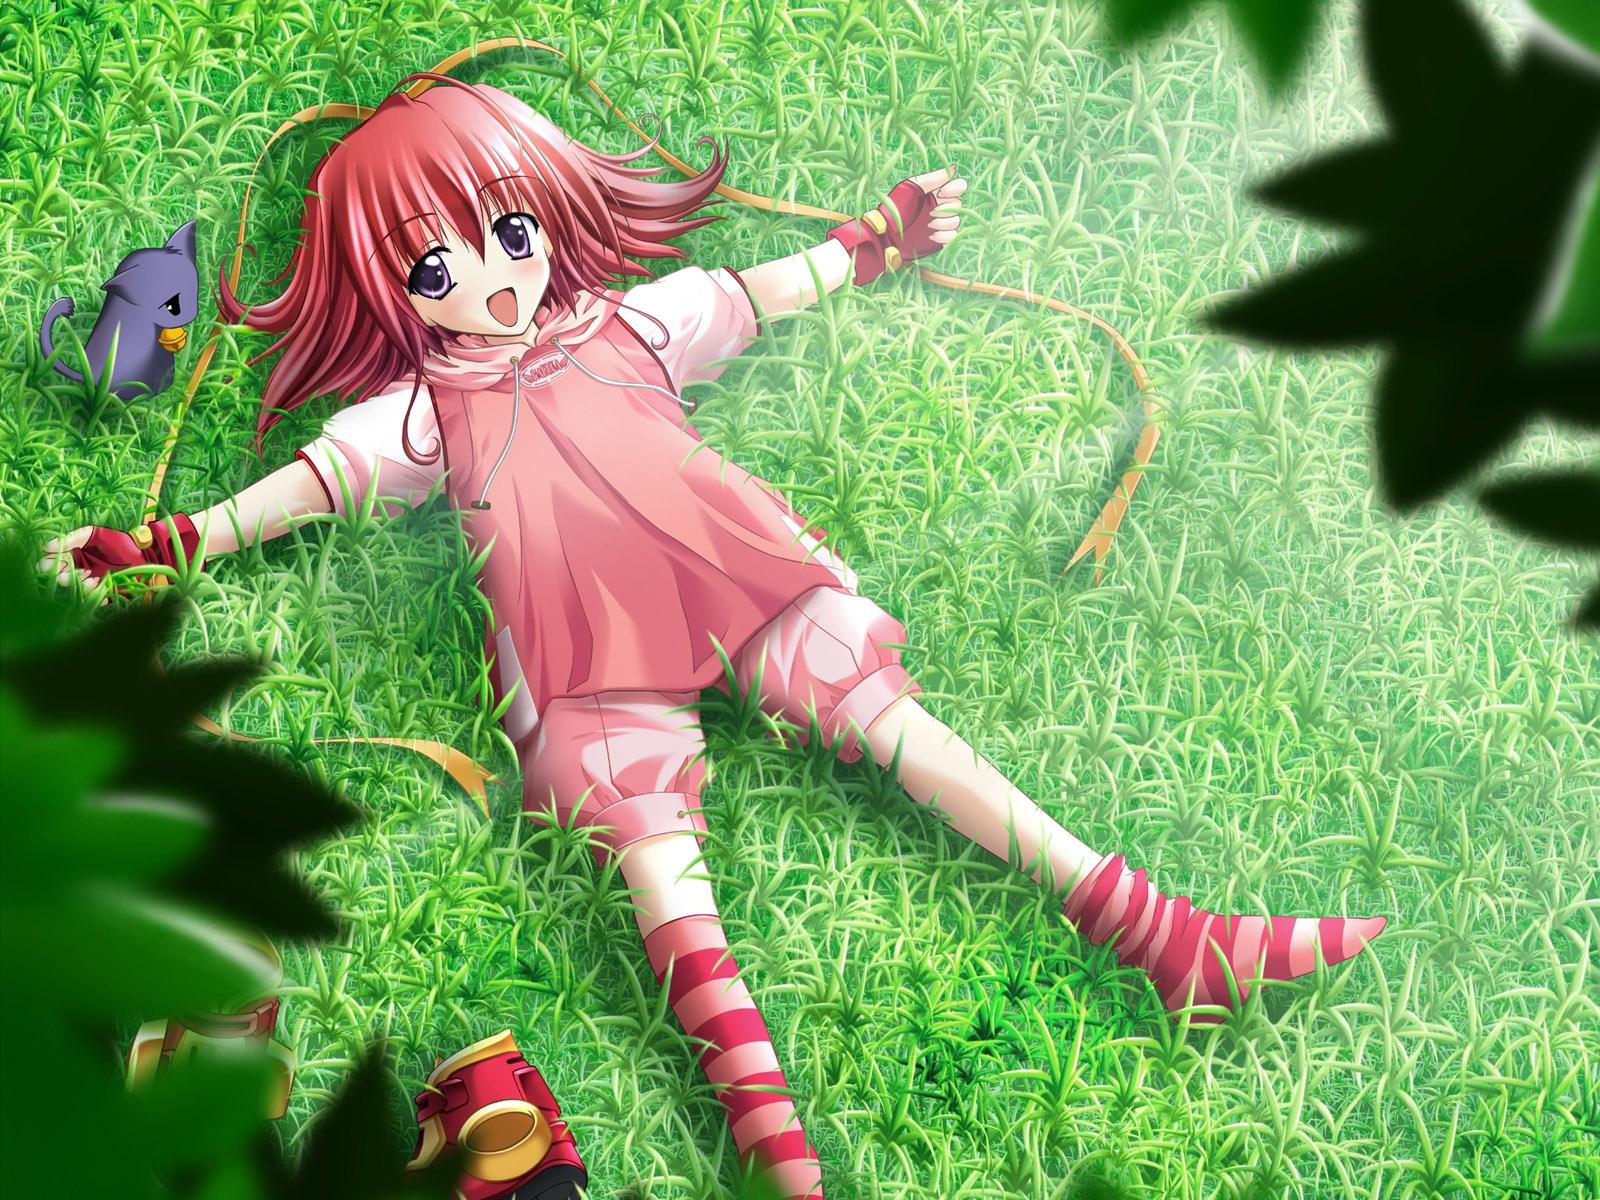 Аниме картинки маленькой девочки